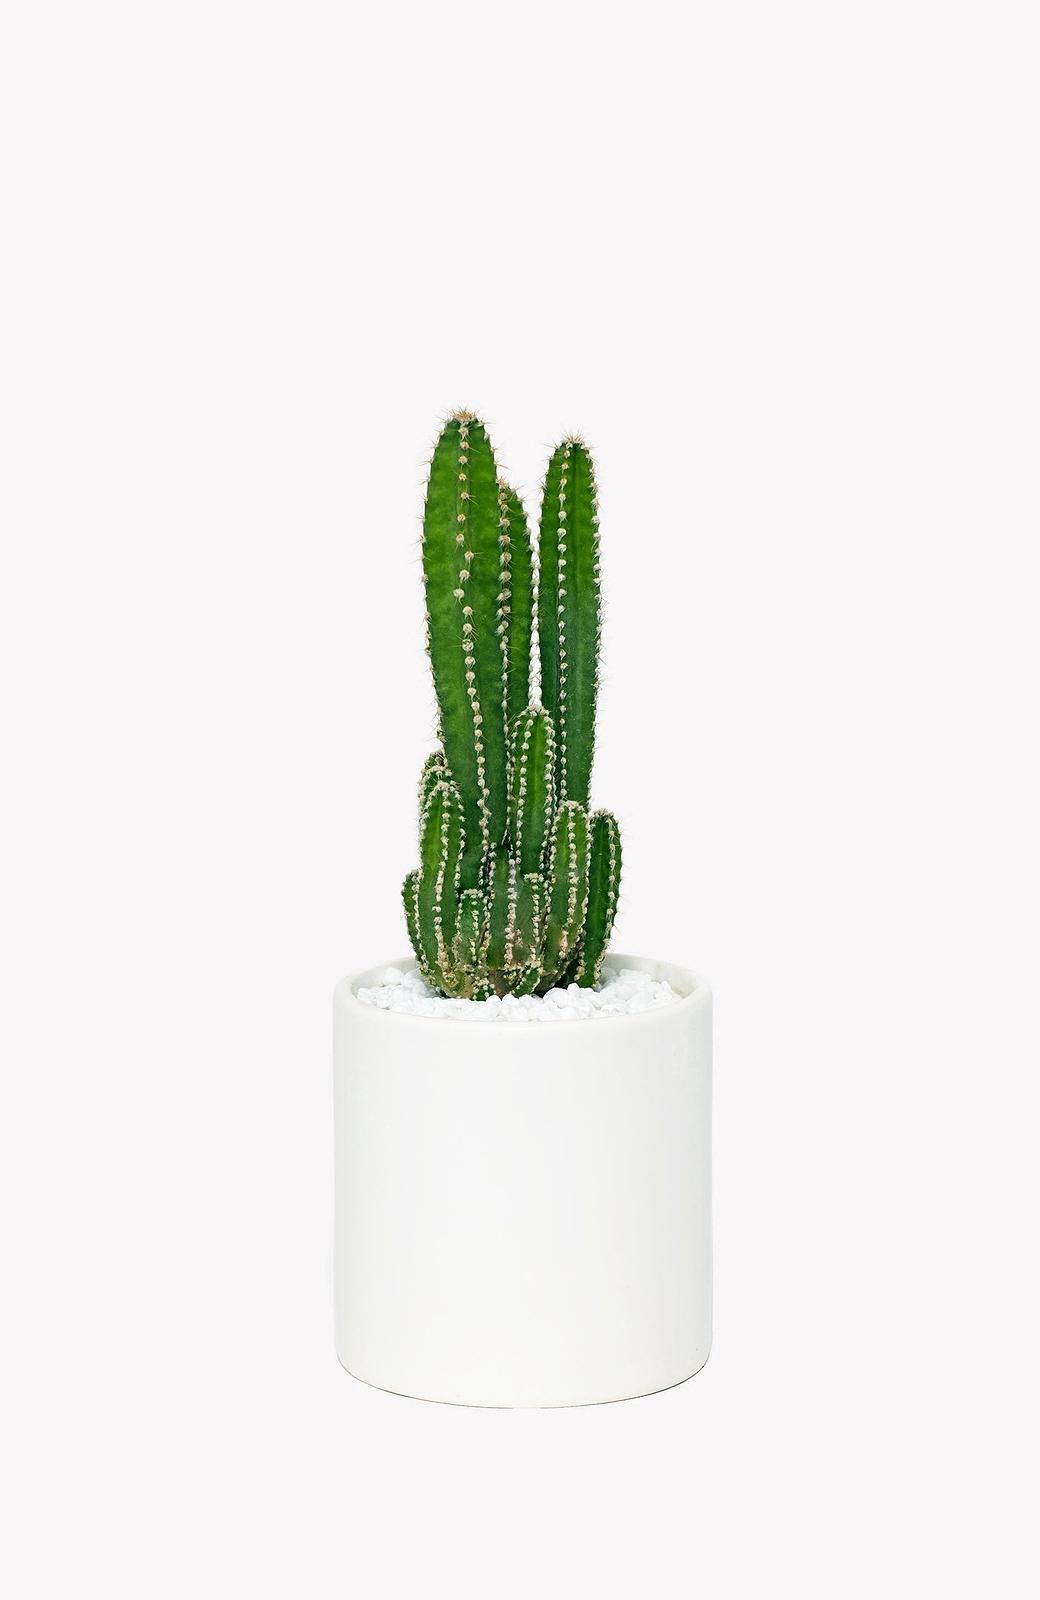 Congenial Fairy Castle Cactus A Cylindrical Pot Fairy Castle Cactus Sale A Cylindrical Pot Vertuose Fairy Castle Cactus Variegated Fairy Castle Cactus houzz 01 Fairy Castle Cactus